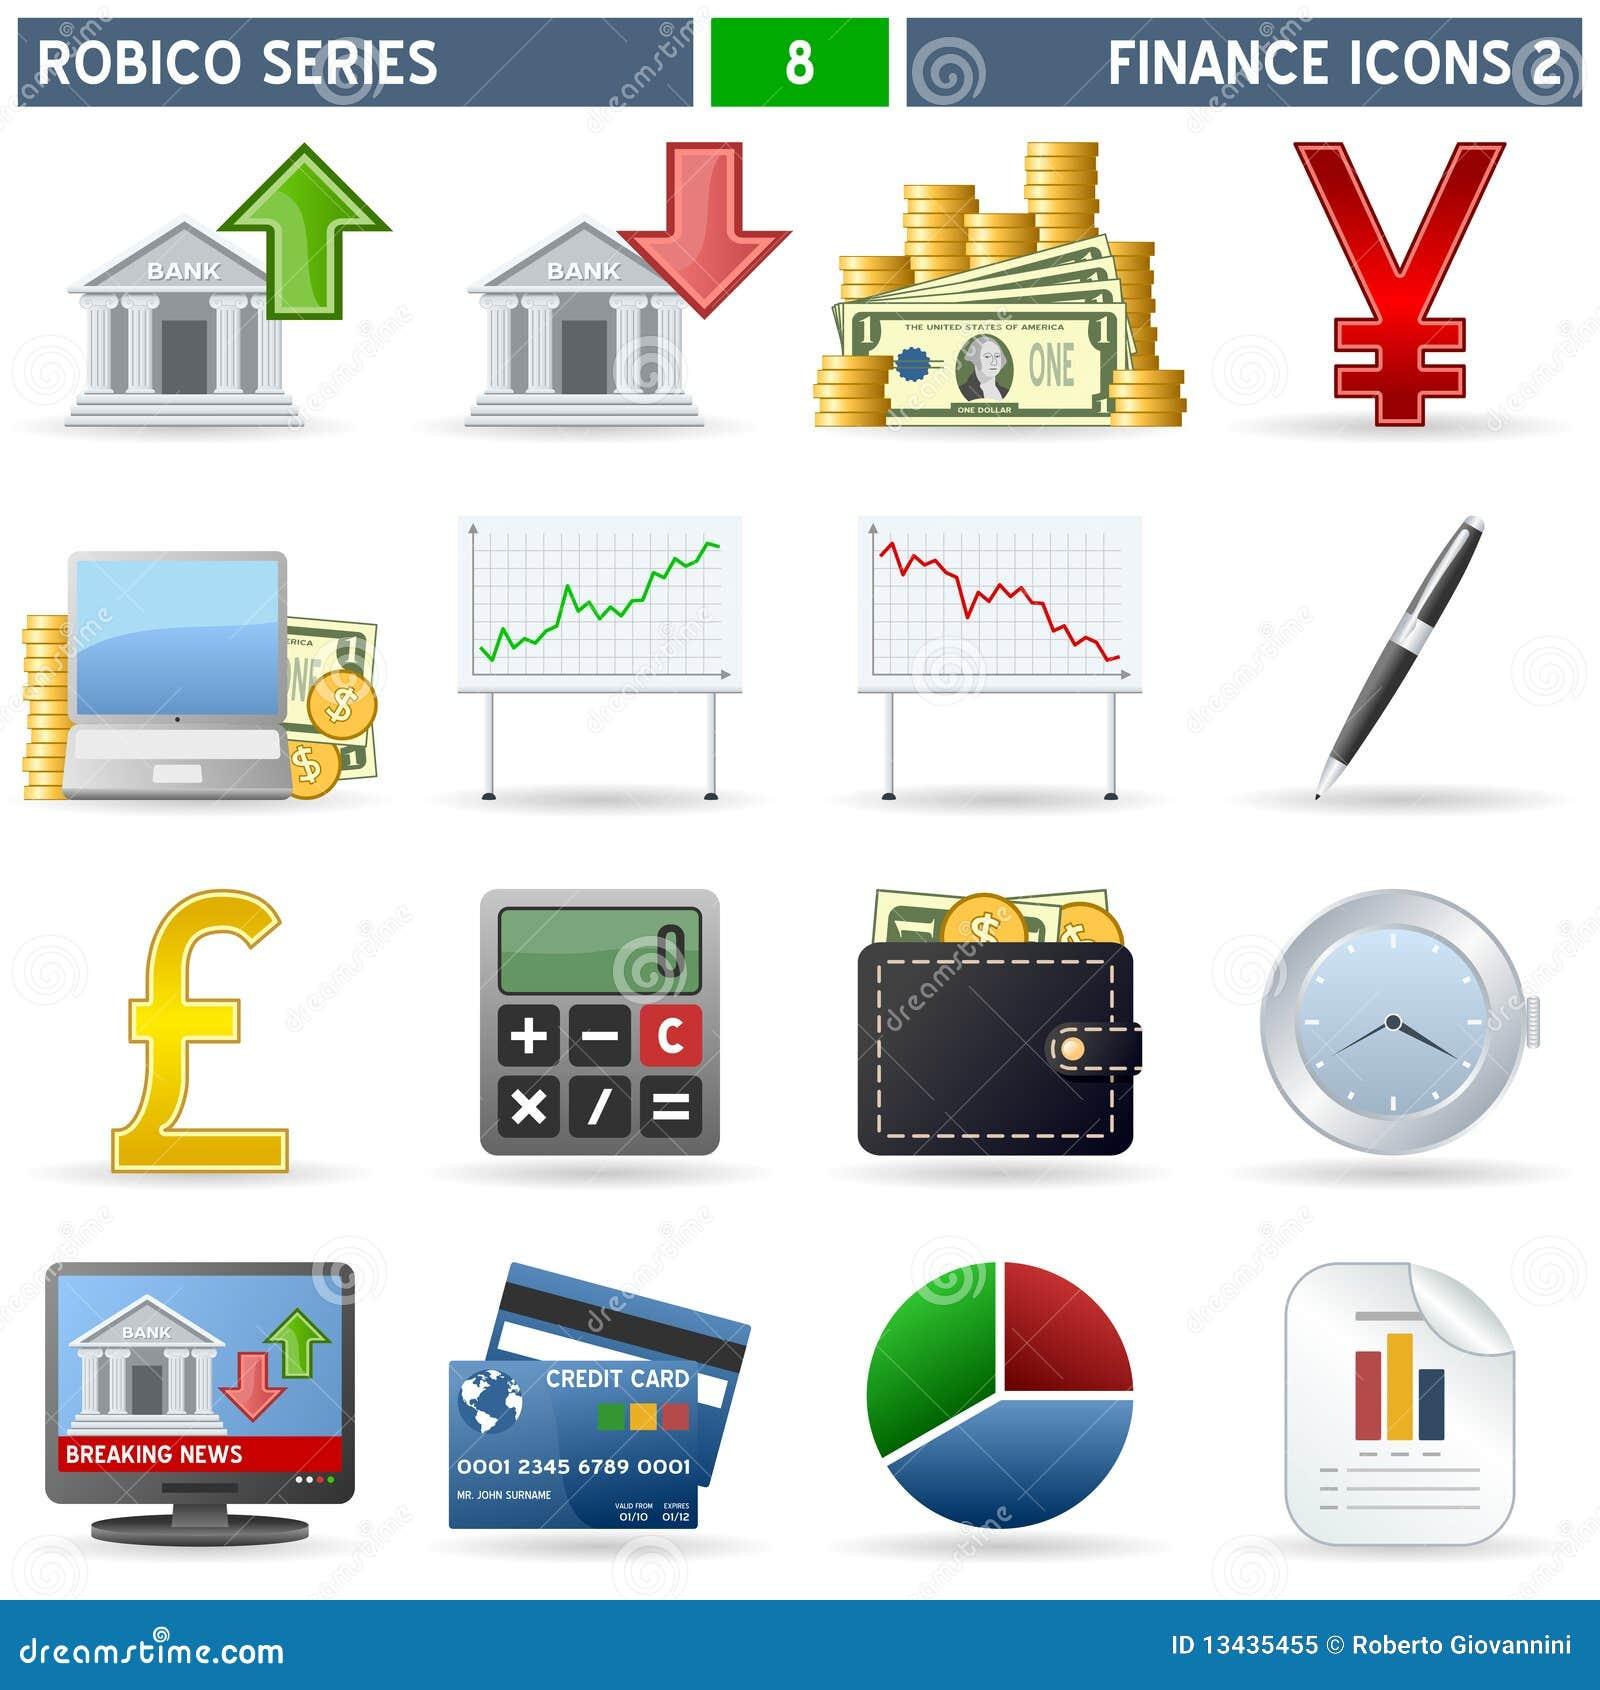 Serie di Robico delle icone di finanze [2] -